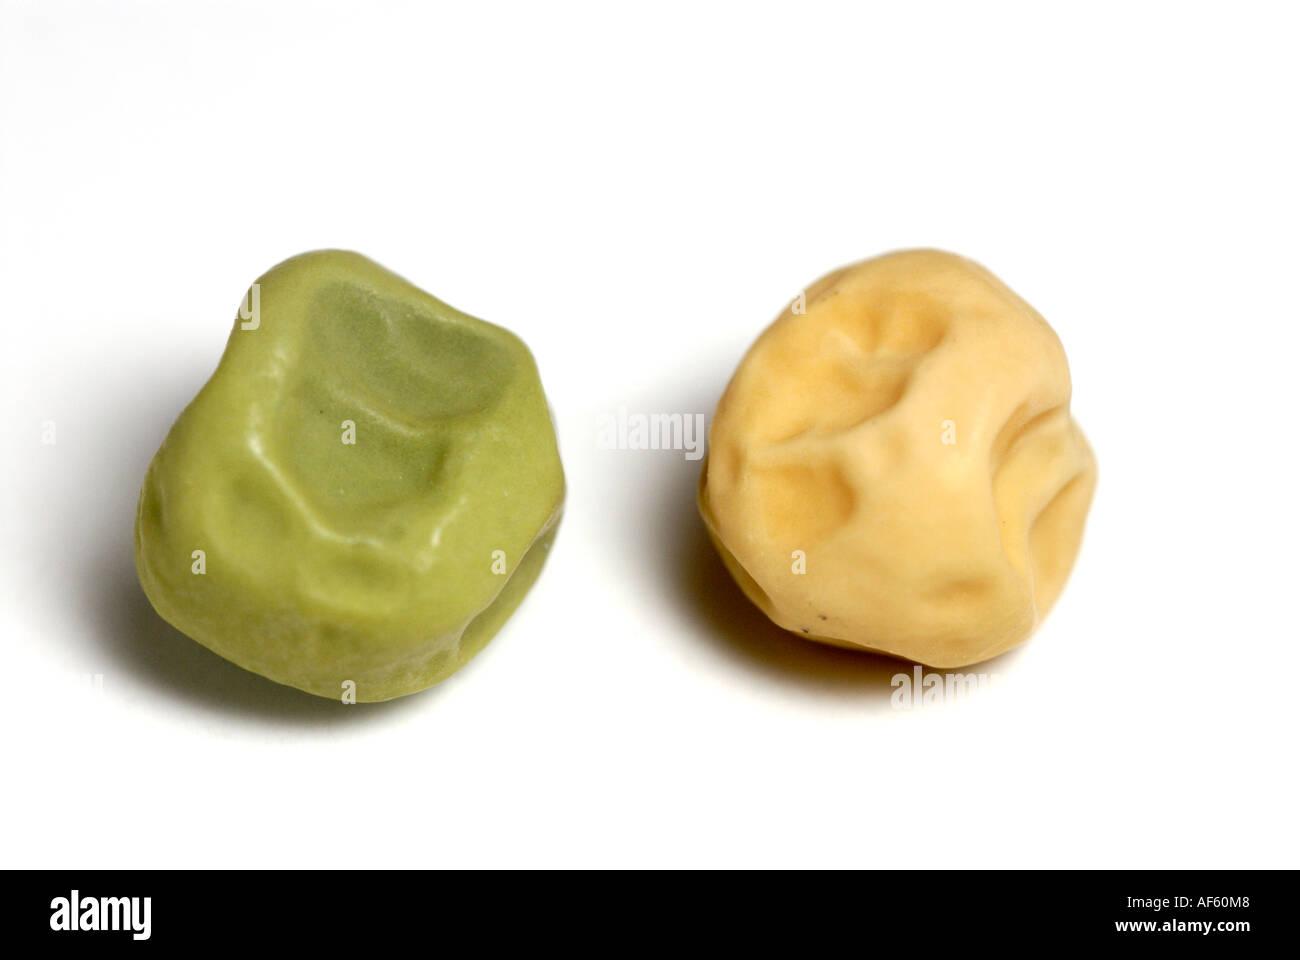 Verde e giallo stropicciata i semi di pisello, tratti Gregor Mendel studiato nella sua eredità genetica esperimenti. Immagini Stock